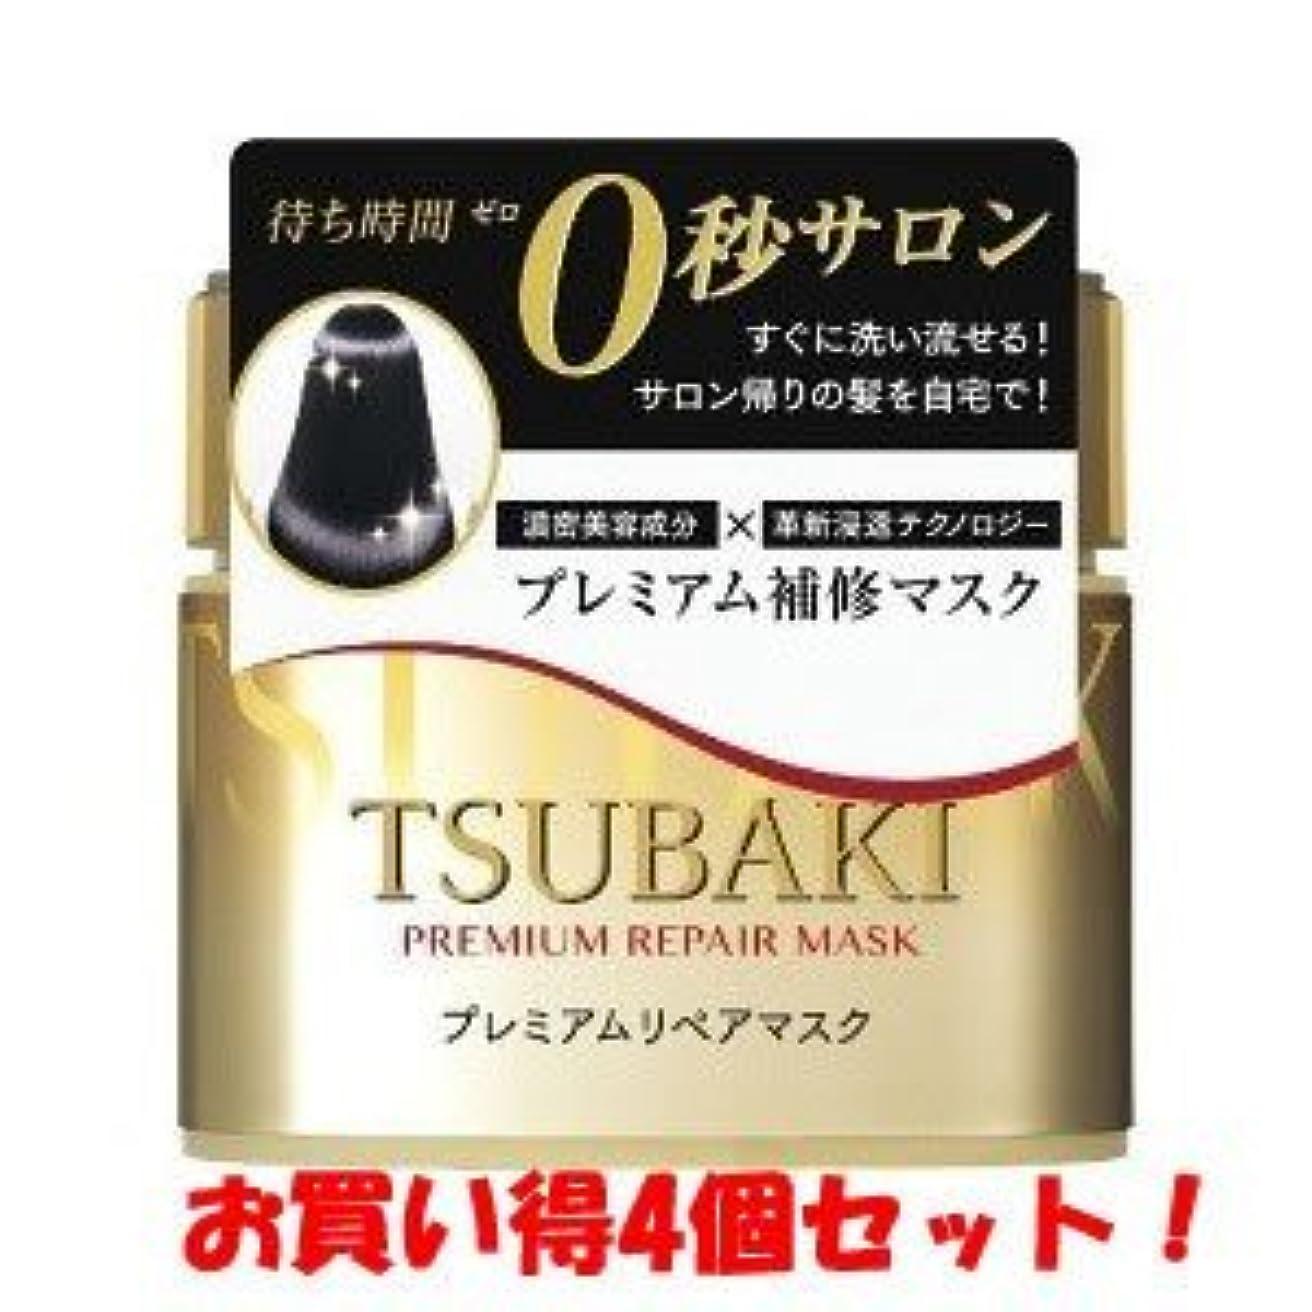 レール虚栄心収入(2017年の新商品)(資生堂)ツバキ(TSUBAKI) プレミアムリペアマスク 180g(お買い得4個セット)